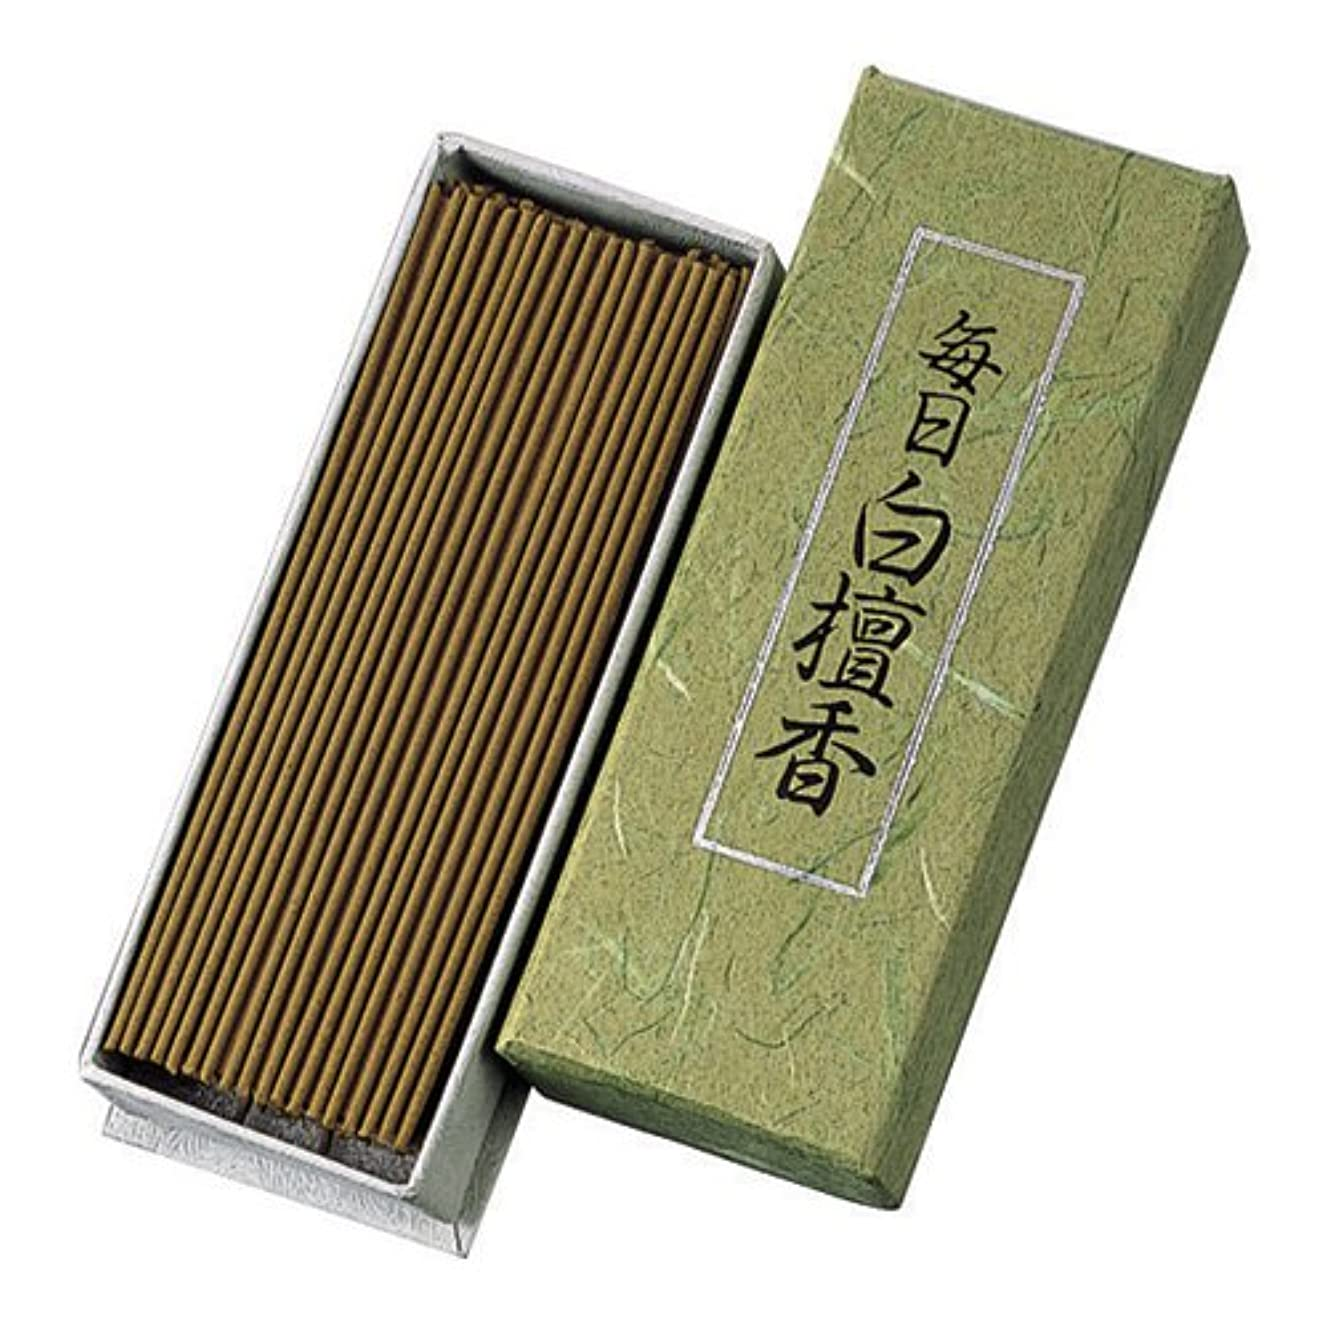 クレーターマイルストーン移動するNippon Kodo – Mainichi Byakudan – Sandalwood Incense 150 sticks